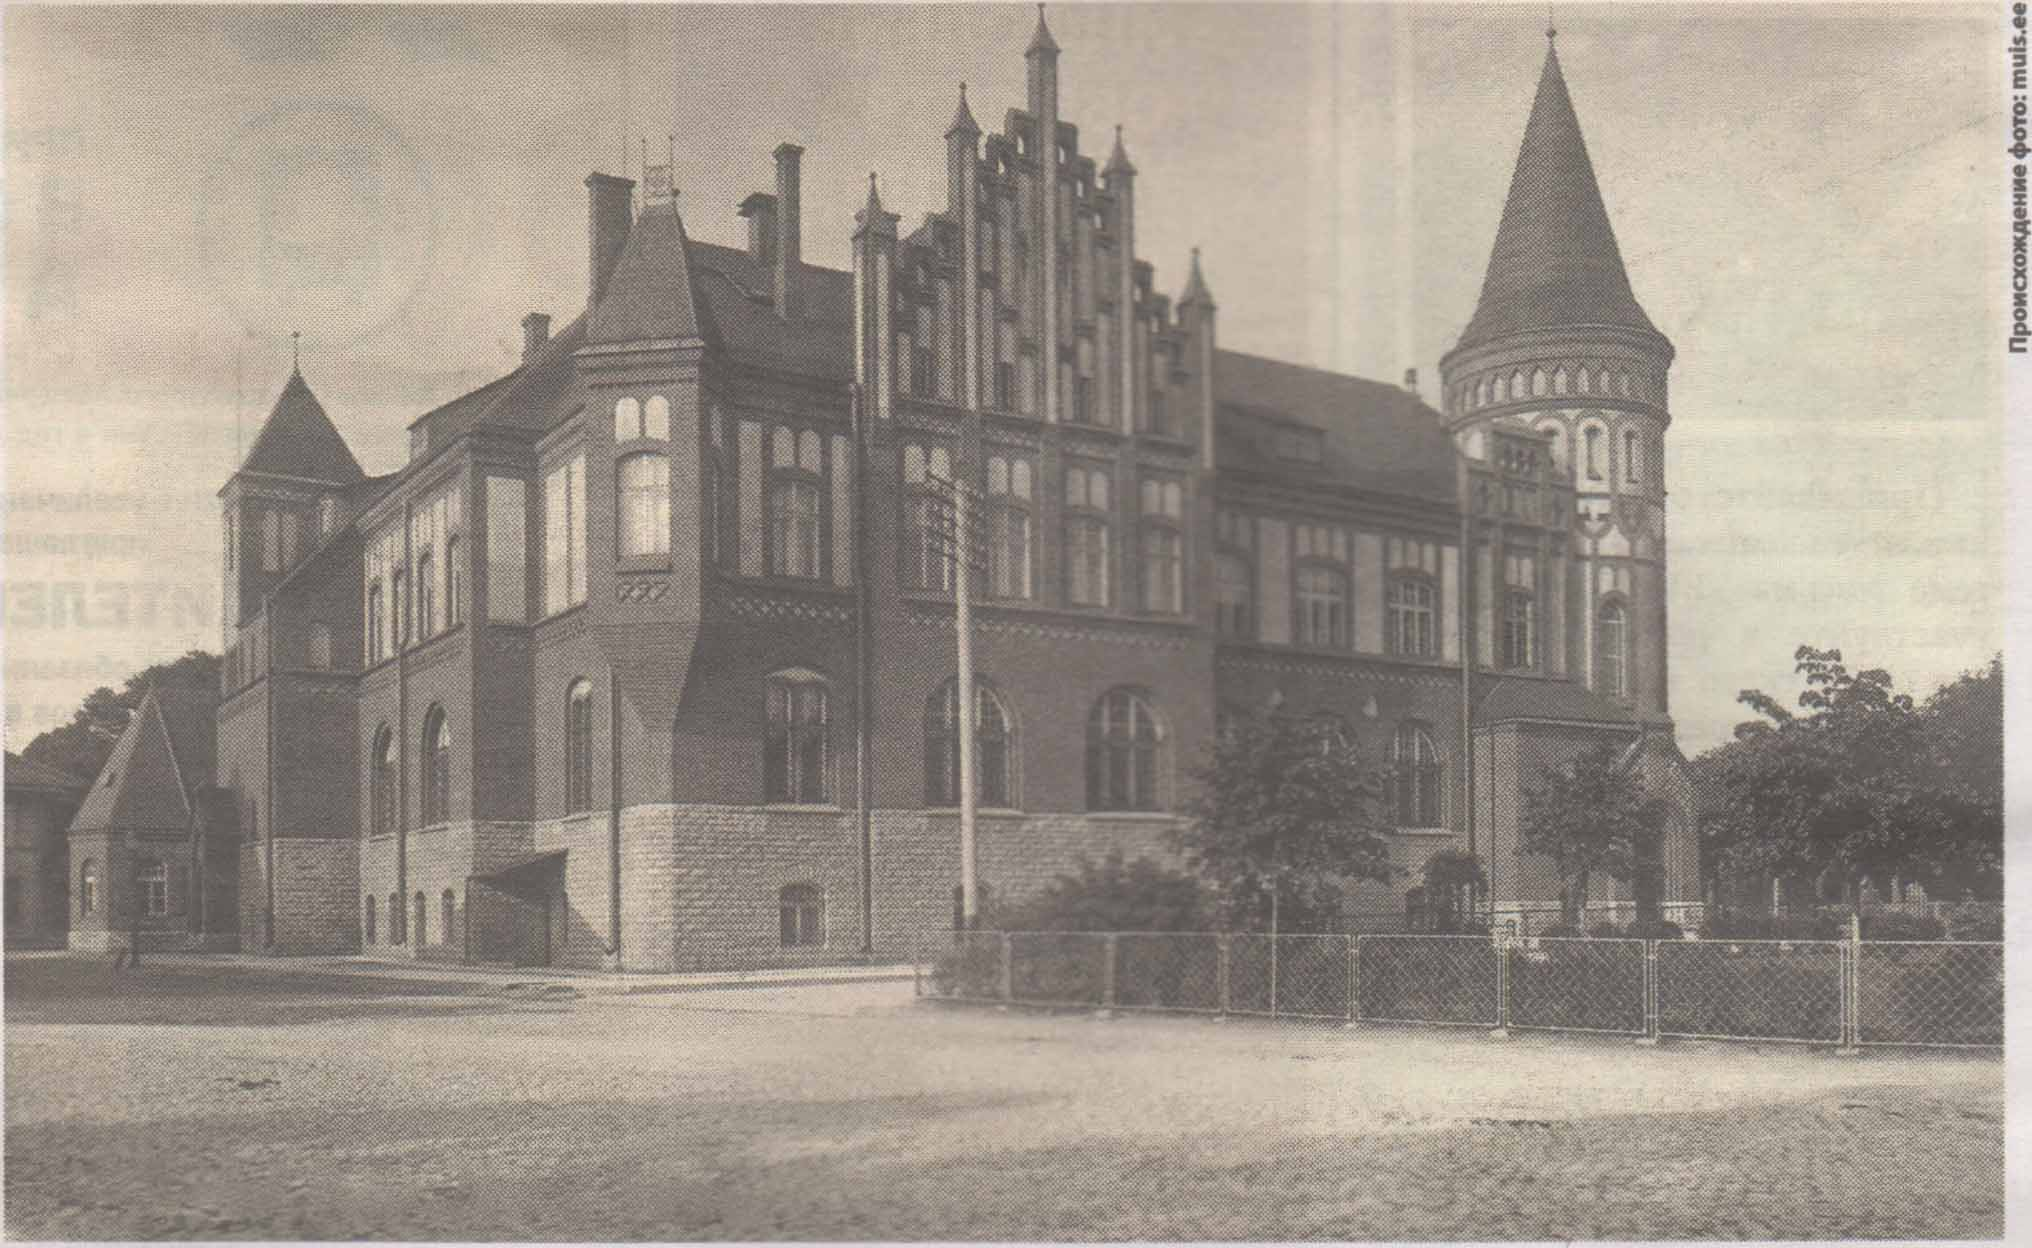 Возможно, самое рижское по облику здание Таллинна — бывшая Кредитная касса Эстляндского рыцарства, построенная рижанином Августом Рейнбергом.